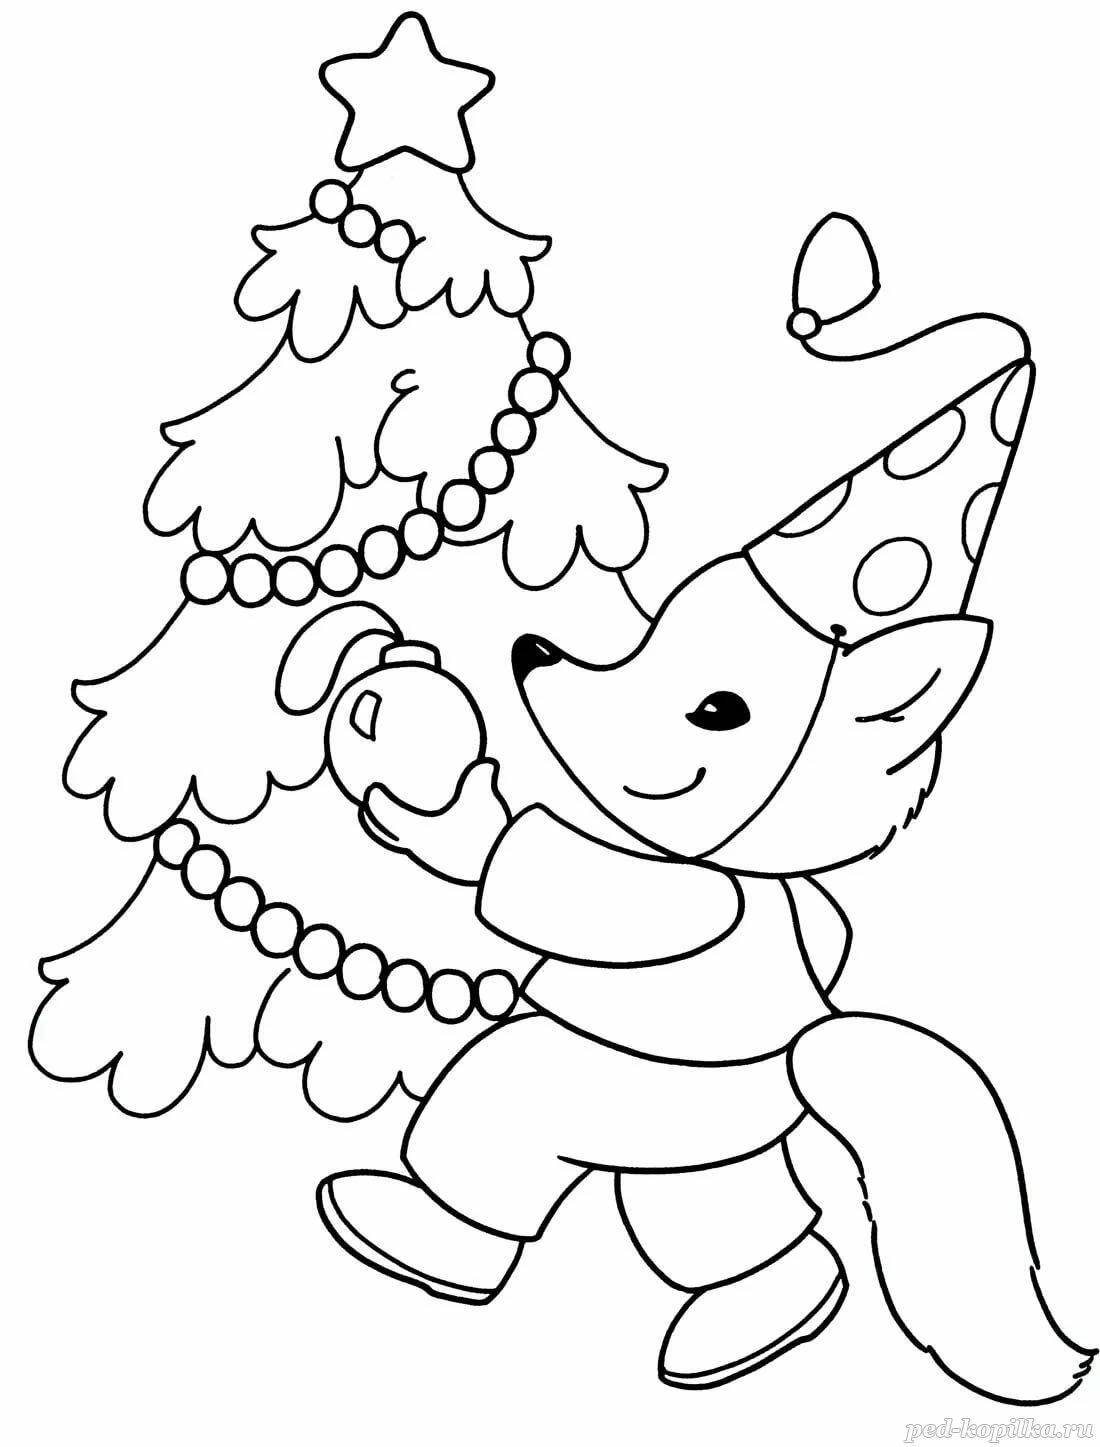 Распечатать новогодний рисунок для раскрашивания